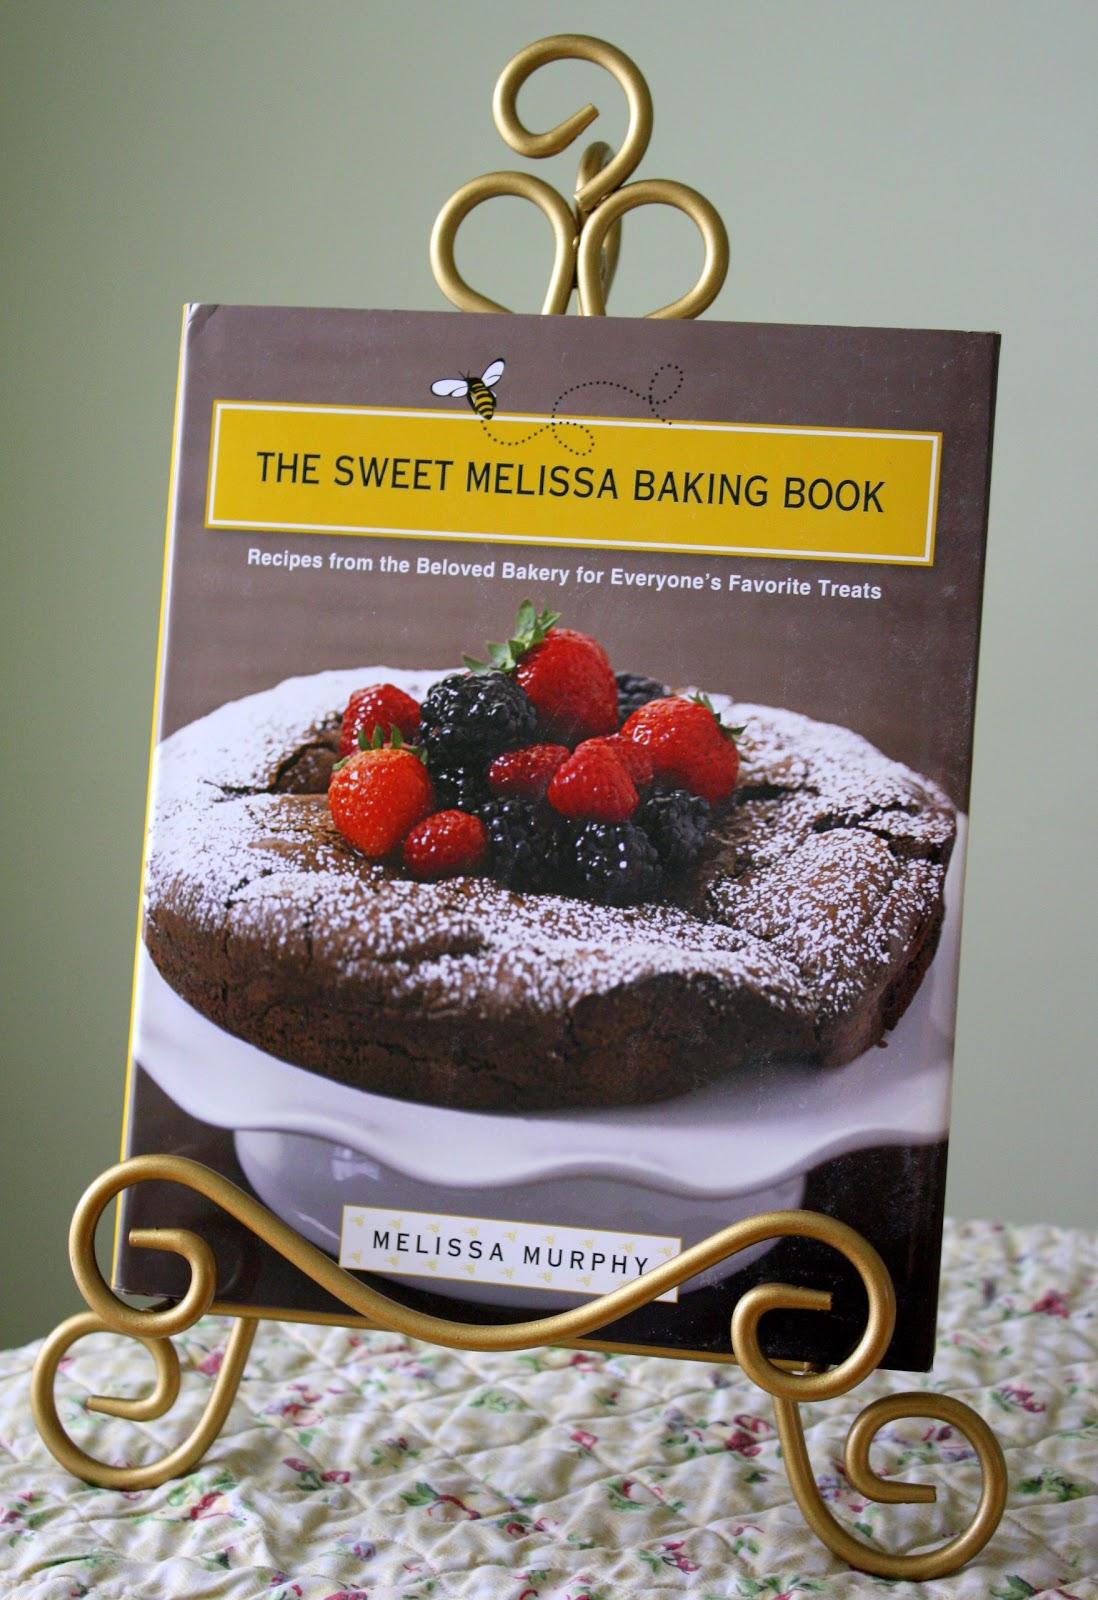 Jane's Sweets & Baking Journal: Winner of HSN Gift